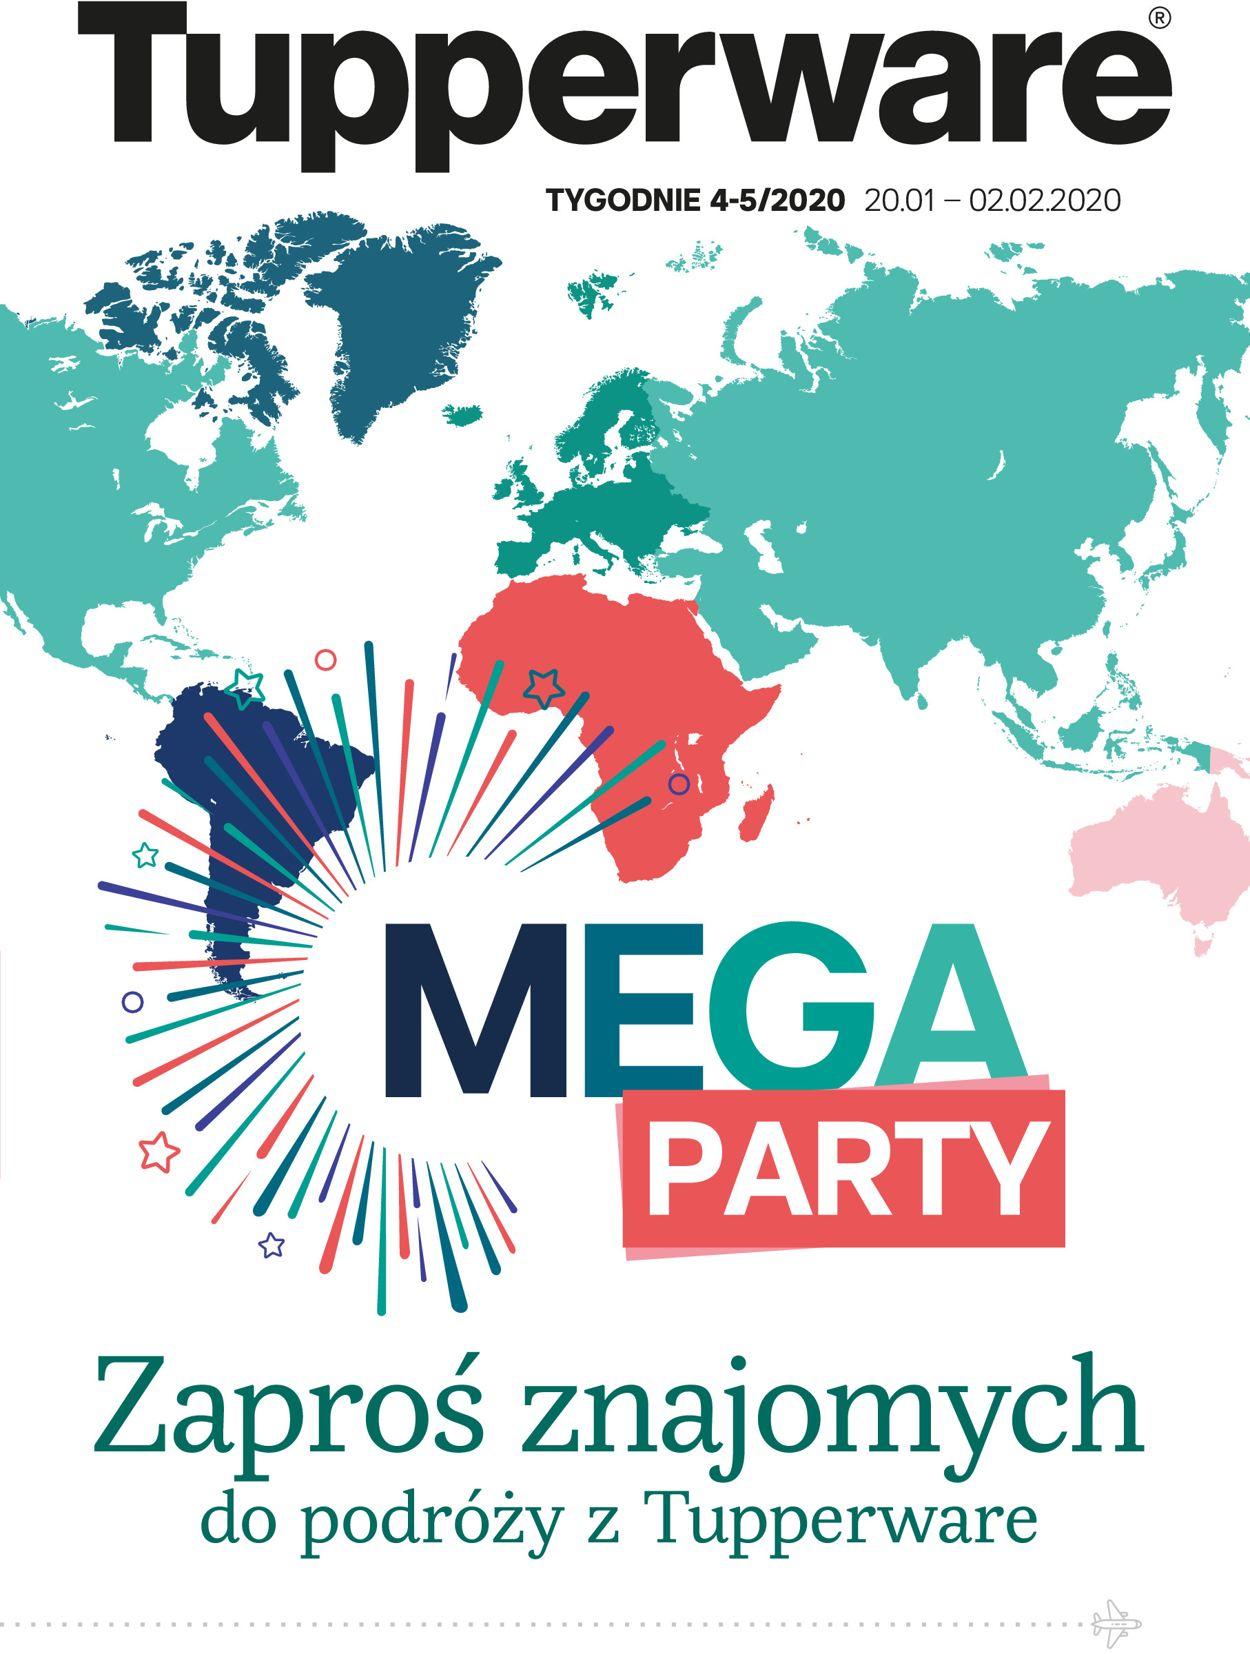 Gazetka promocyjna Tupperware - 20.01-02.02.2020